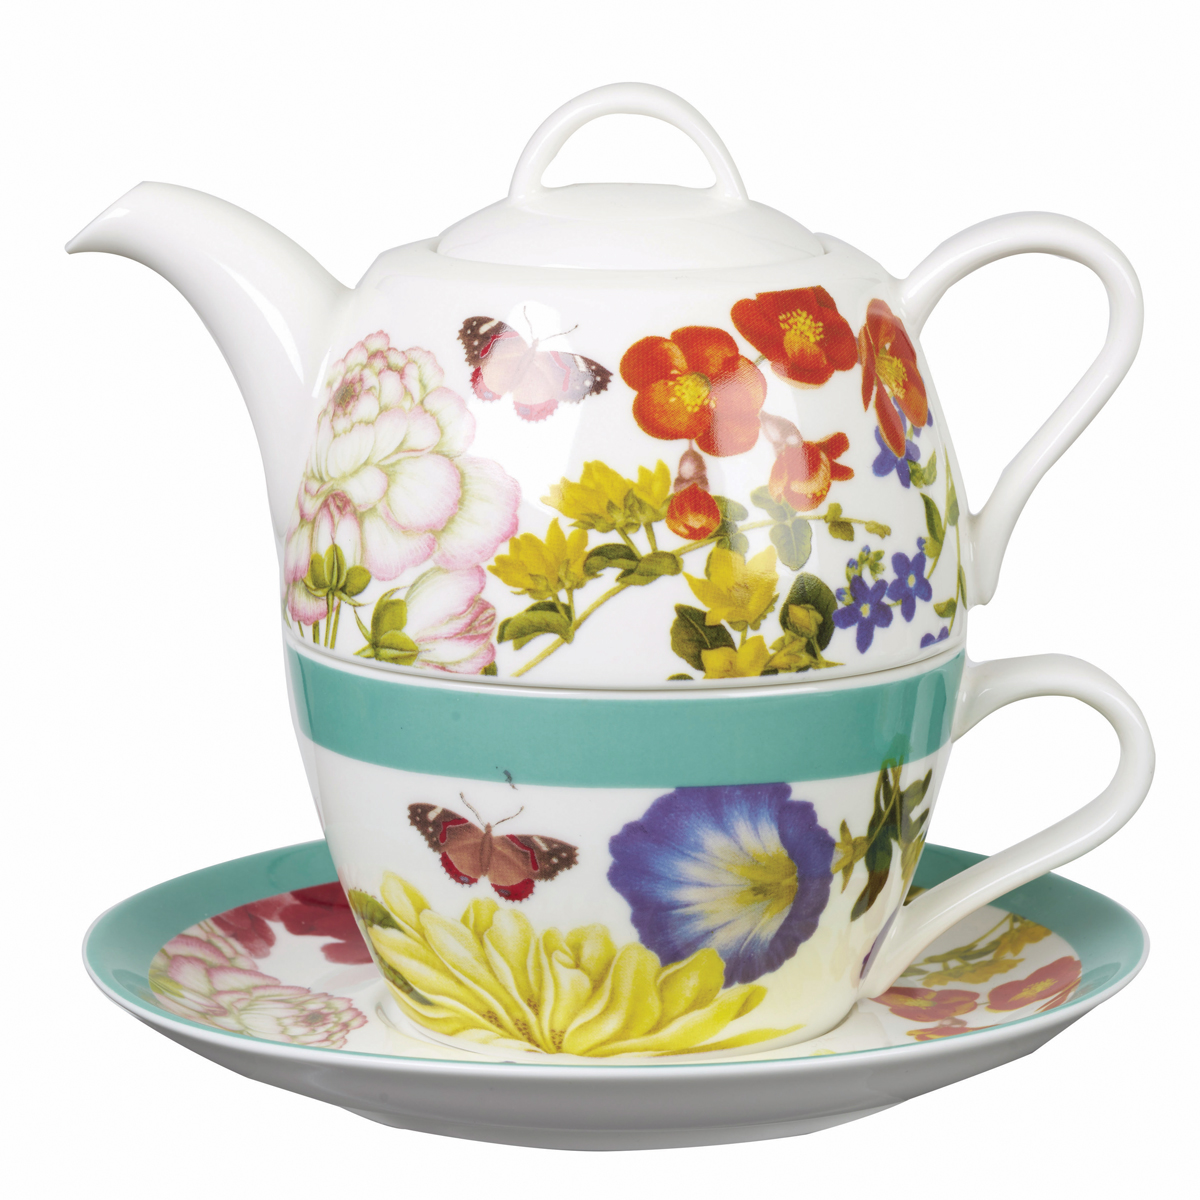 Набор чайный Churchill, 3 предмета набор чайный churchill пляжный отдых 3 предмета